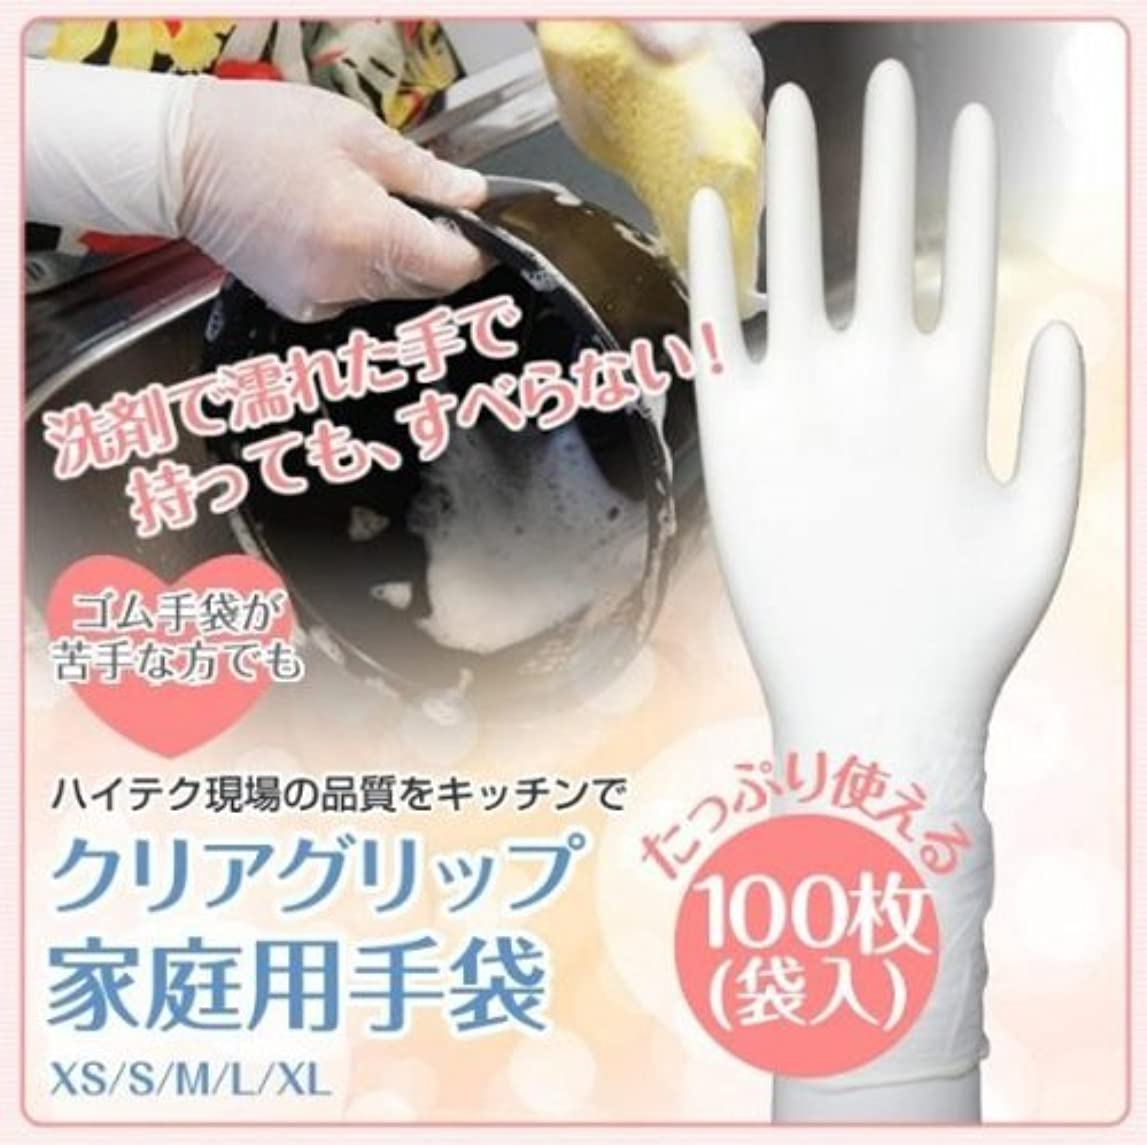 最少倒錯海上三高サプライ ニトリル手袋 クラス100 クリアグリップ ロング(半透明) GN09 100枚入り ■5種類の内「XS」を1点のみです